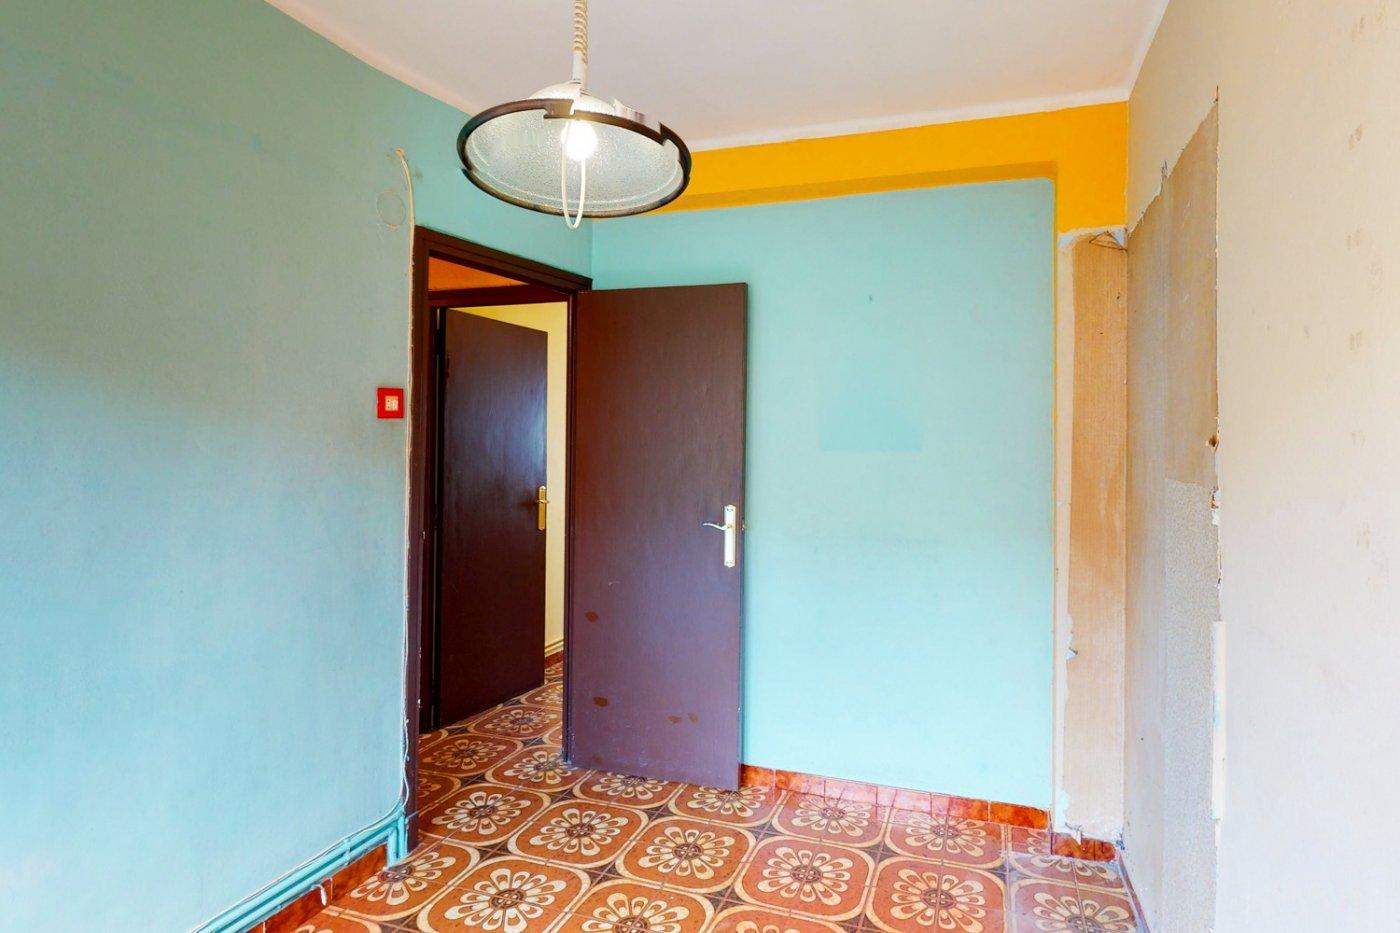 Piso a la venta en c/ lugo, exterior, de tres dormitorios, salon, cocina y baÑo. - imagenInmueble23